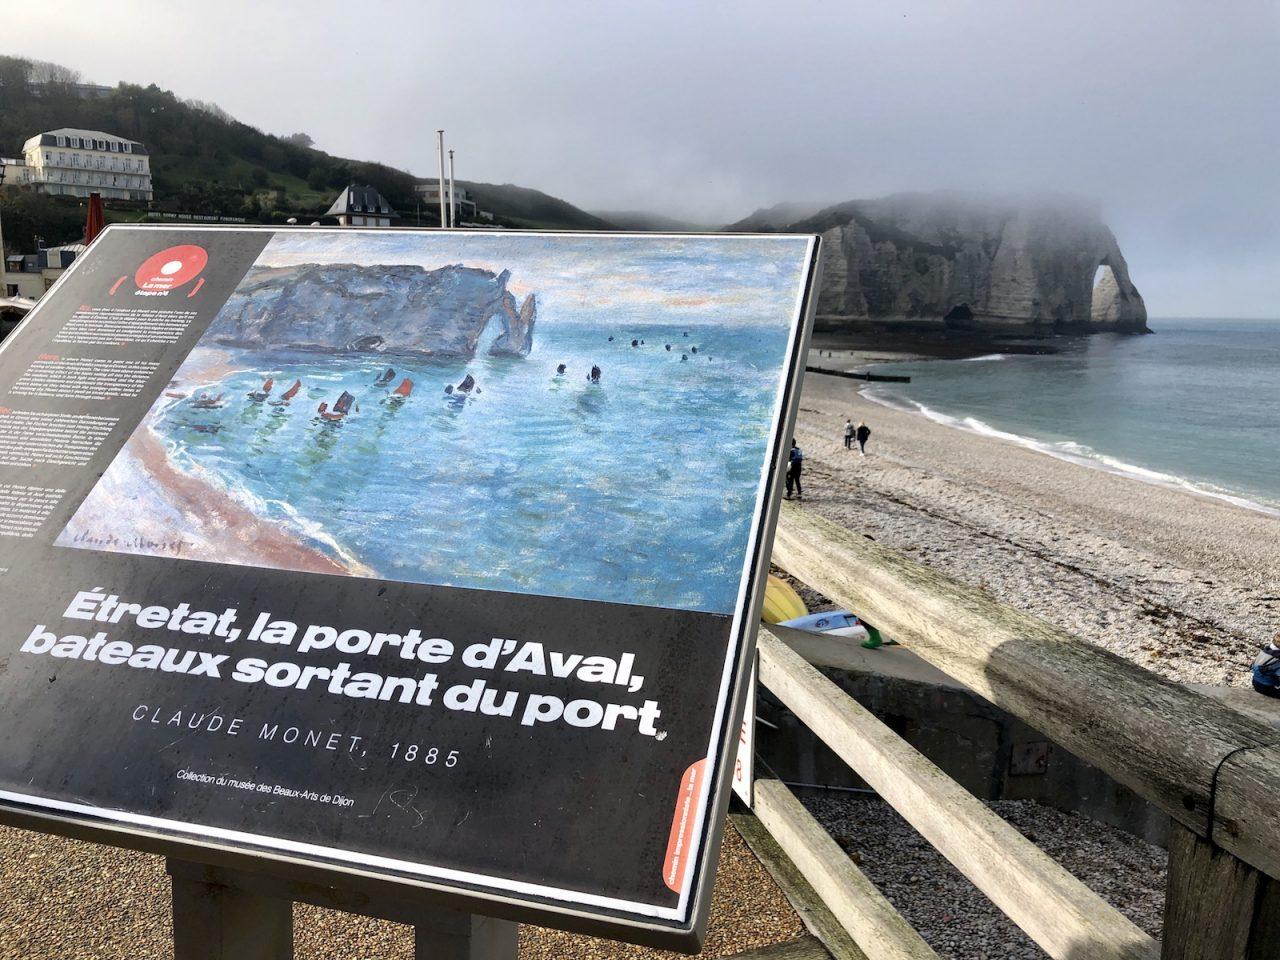 Claude Monet, Étretat, Falésia d'Aval